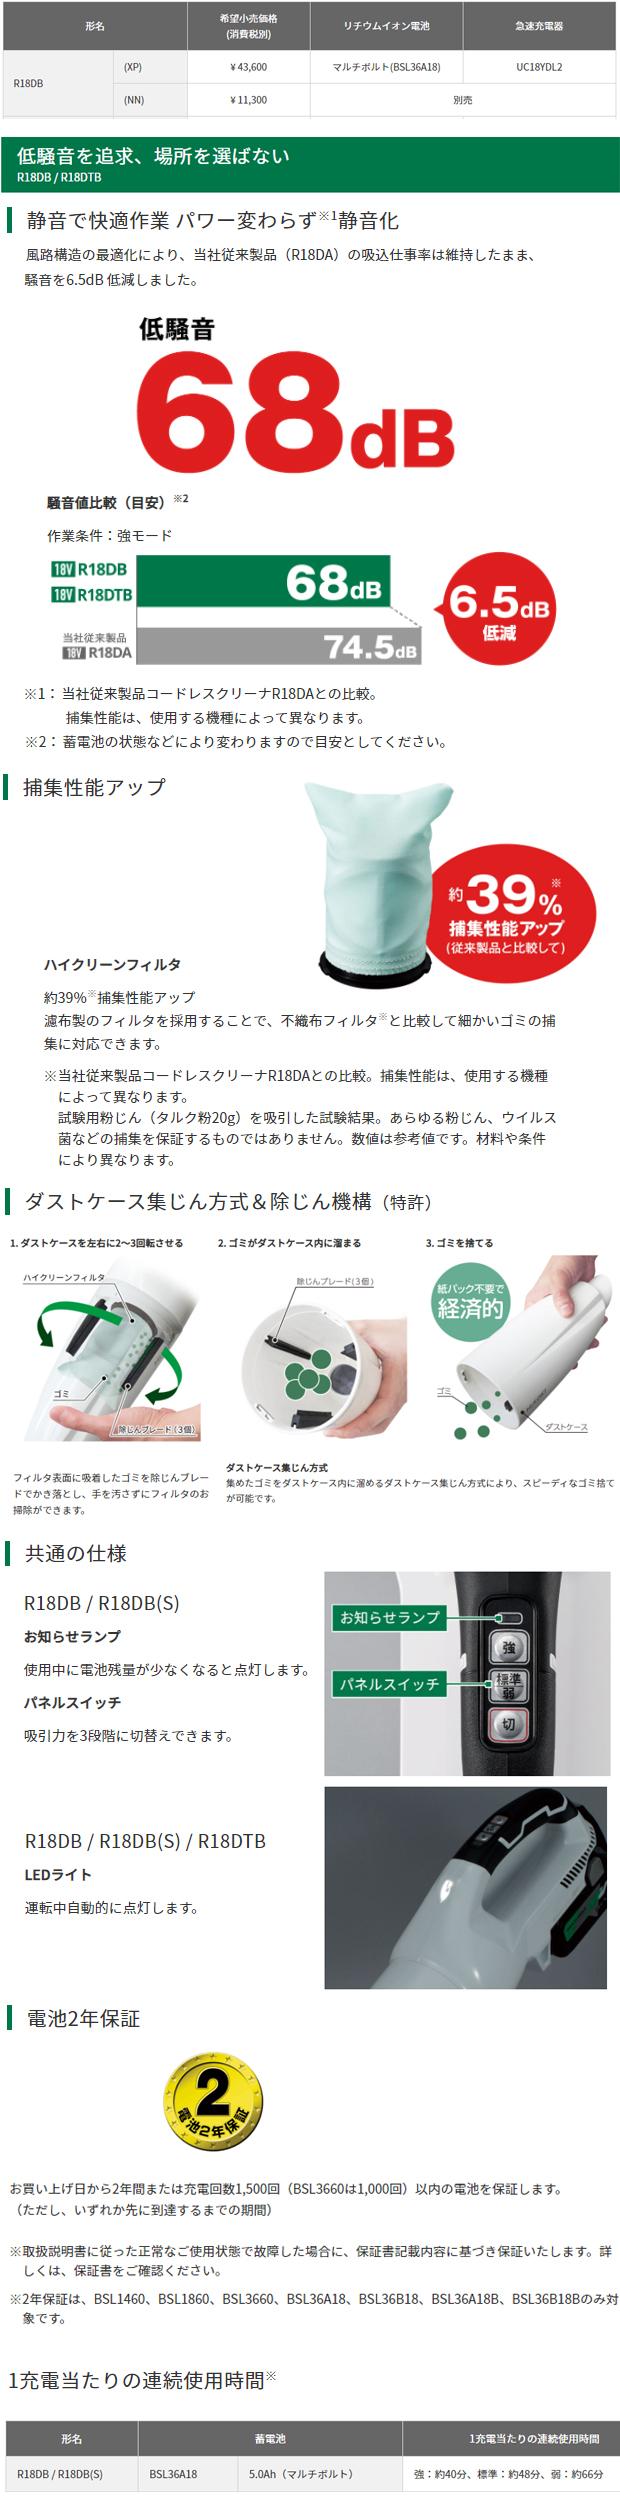 Hikoki 18Vコードレスクリーナ R18DB